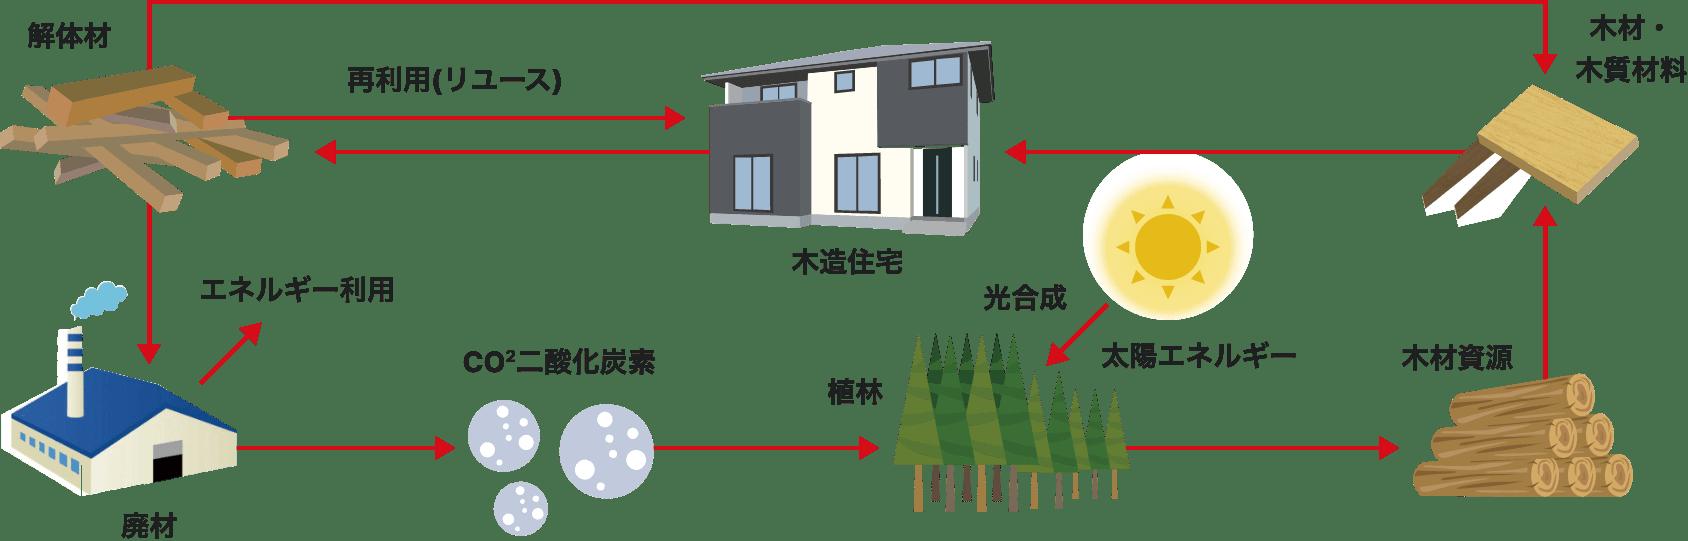 木材の生産利用の流れ イメージ